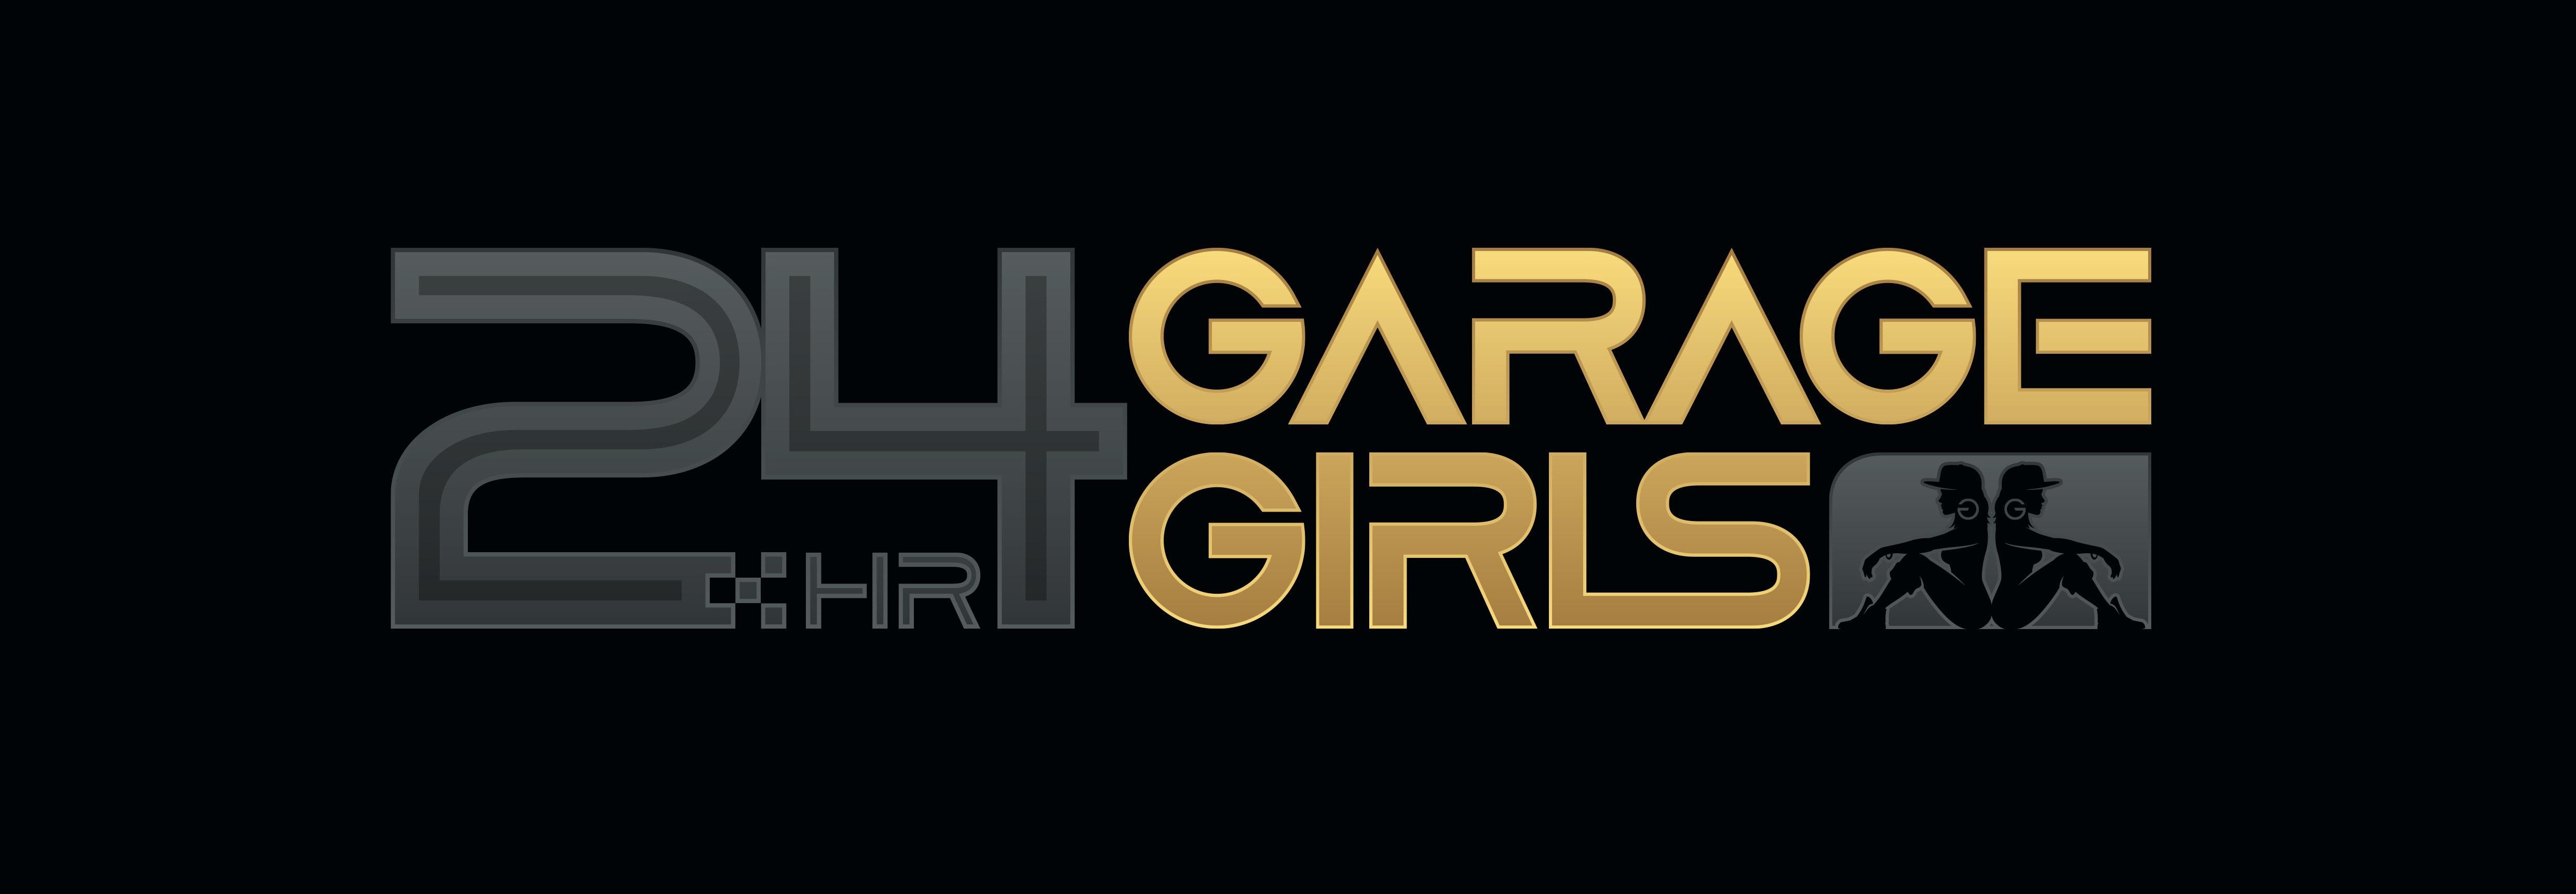 24 Hour Garage Girls